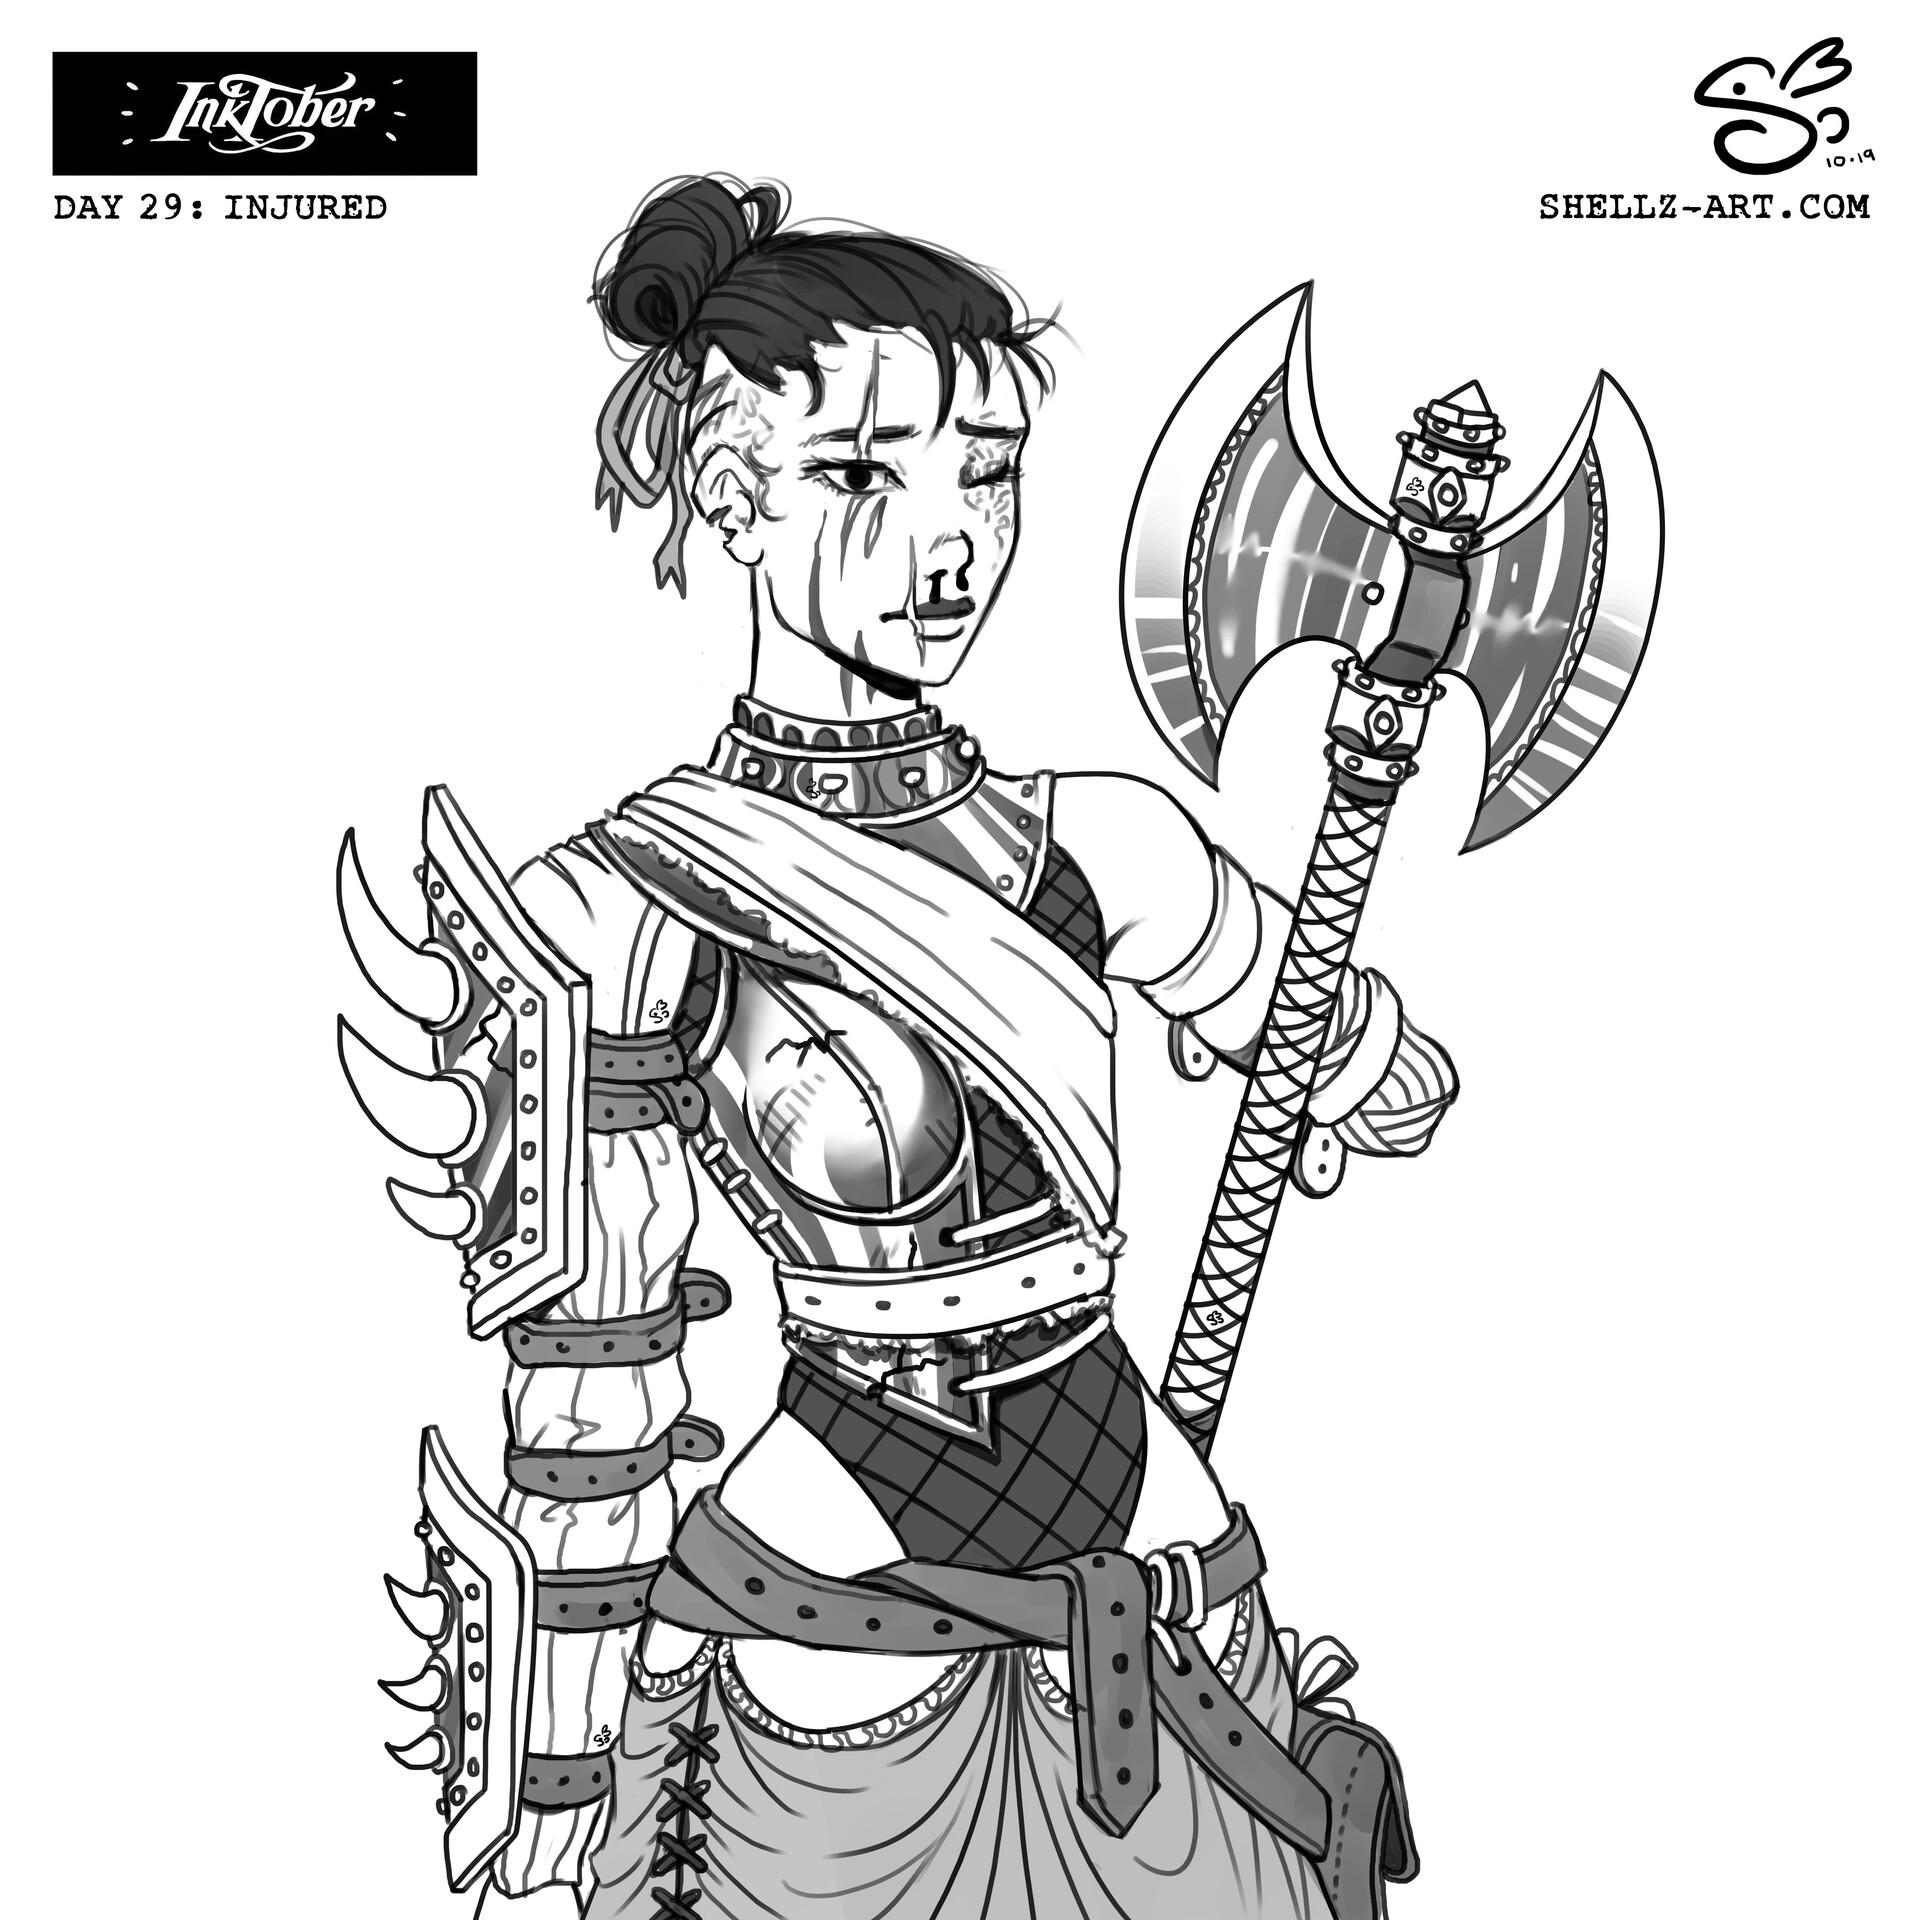 Fantasy Injured Character Art